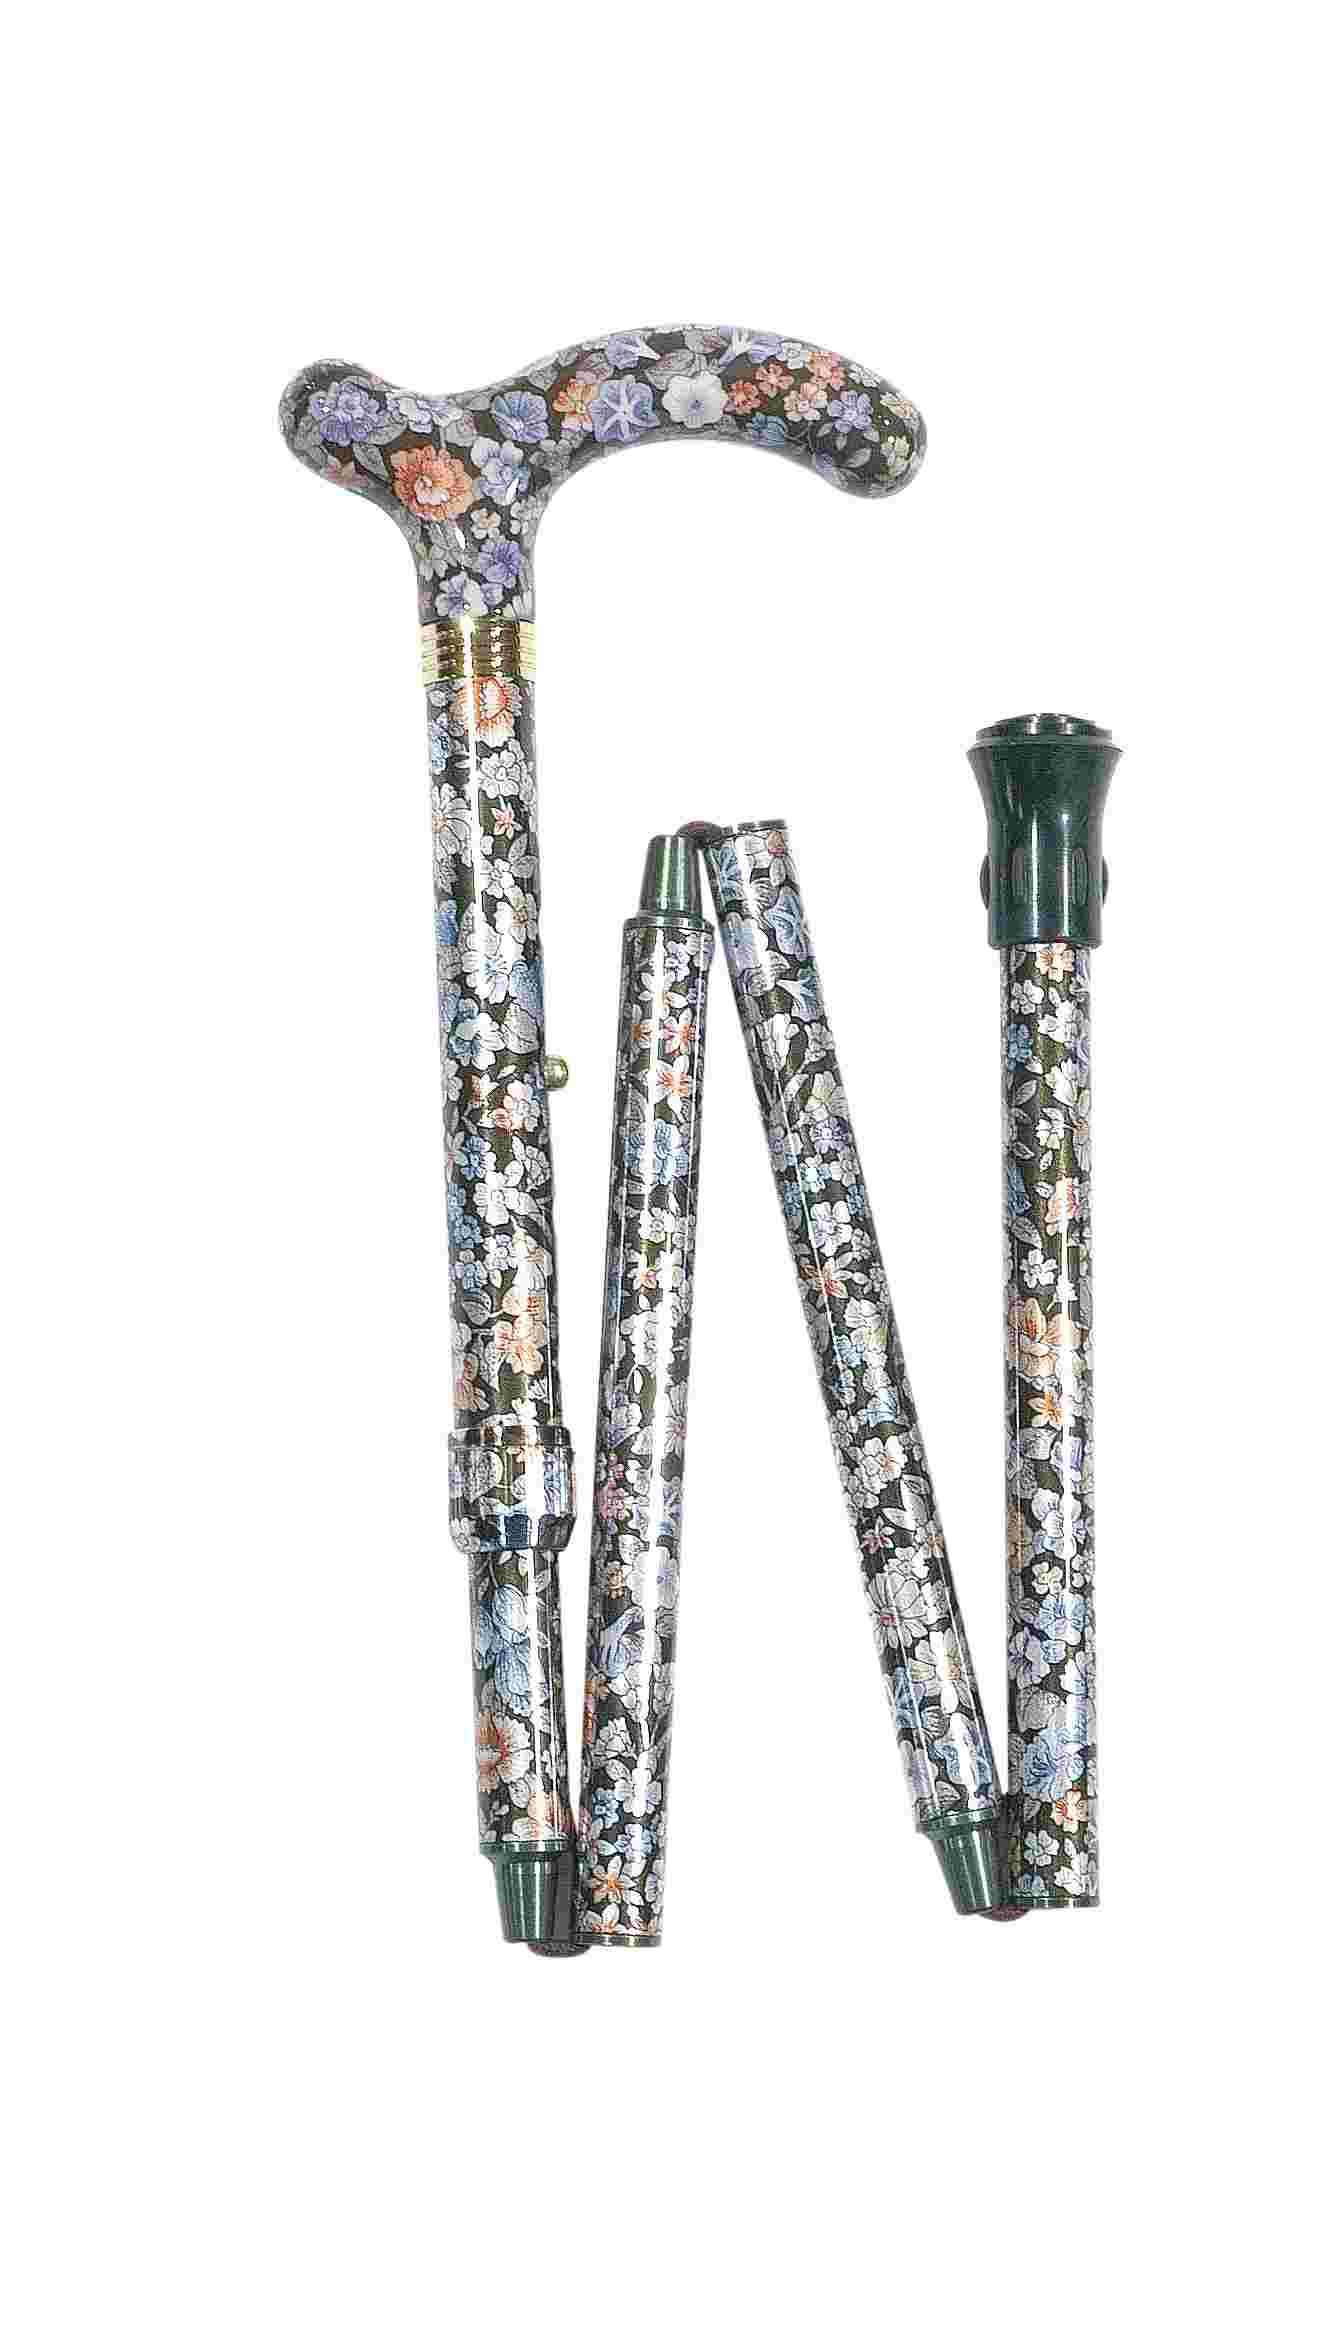 Foldbar/sammenklappelig stok, lille greb, højdejusterbar, mønstret – pris 349.00